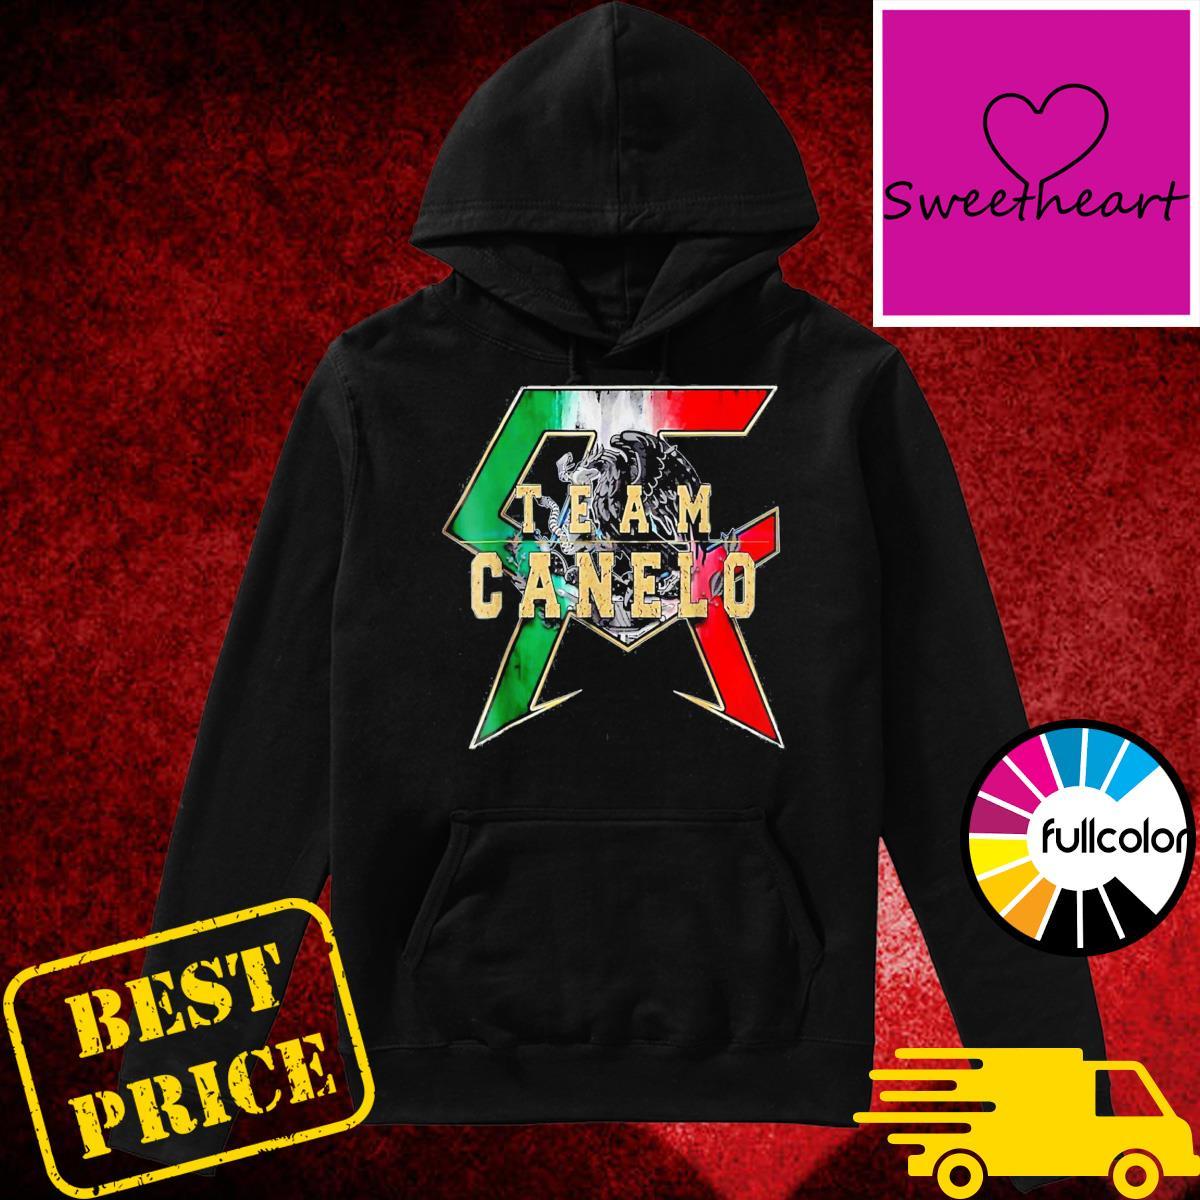 Canelos Saul Alvarez Boxer T-Shirt Hoodie